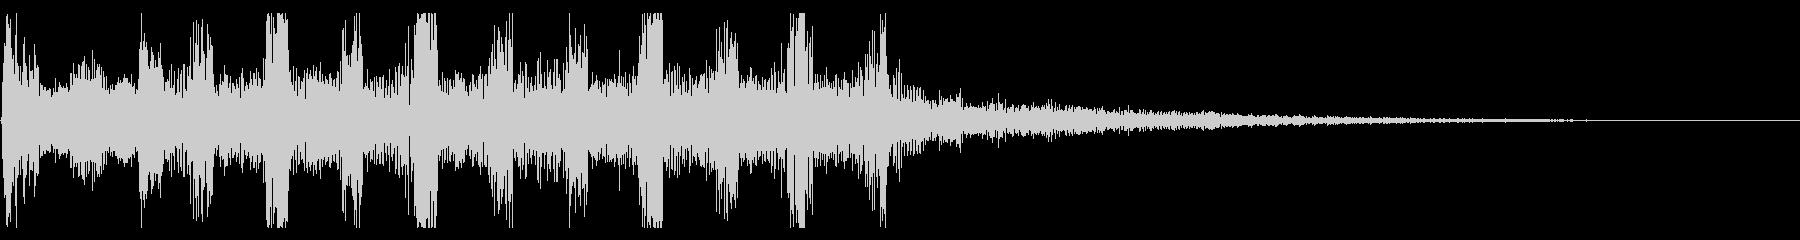 機械 起動音の未再生の波形